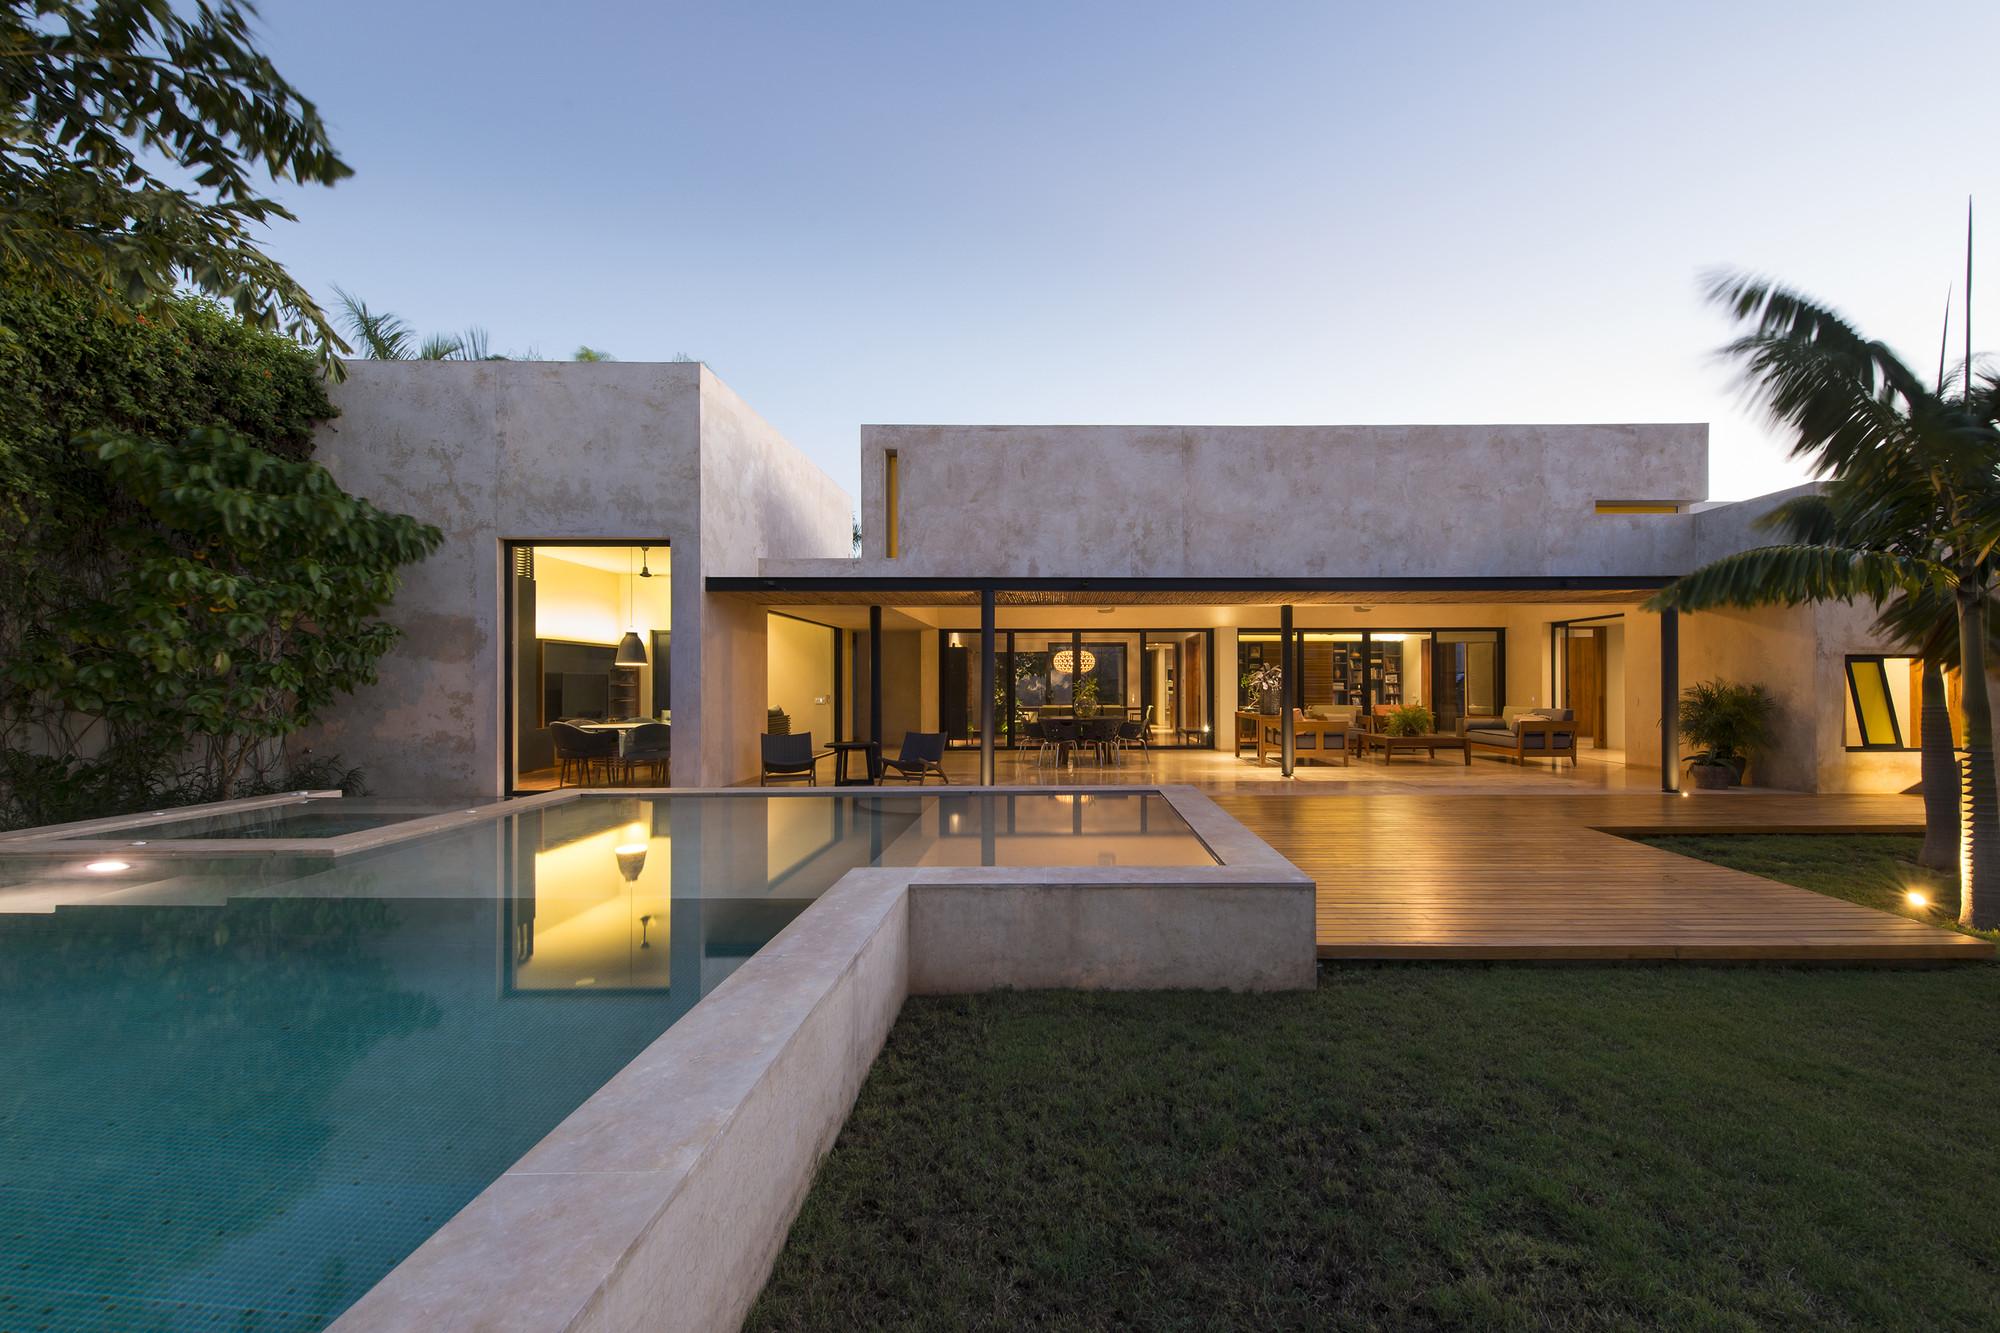 Casa gd reyesrios larra n arquitectos archdaily colombia for Casa di design artigiano